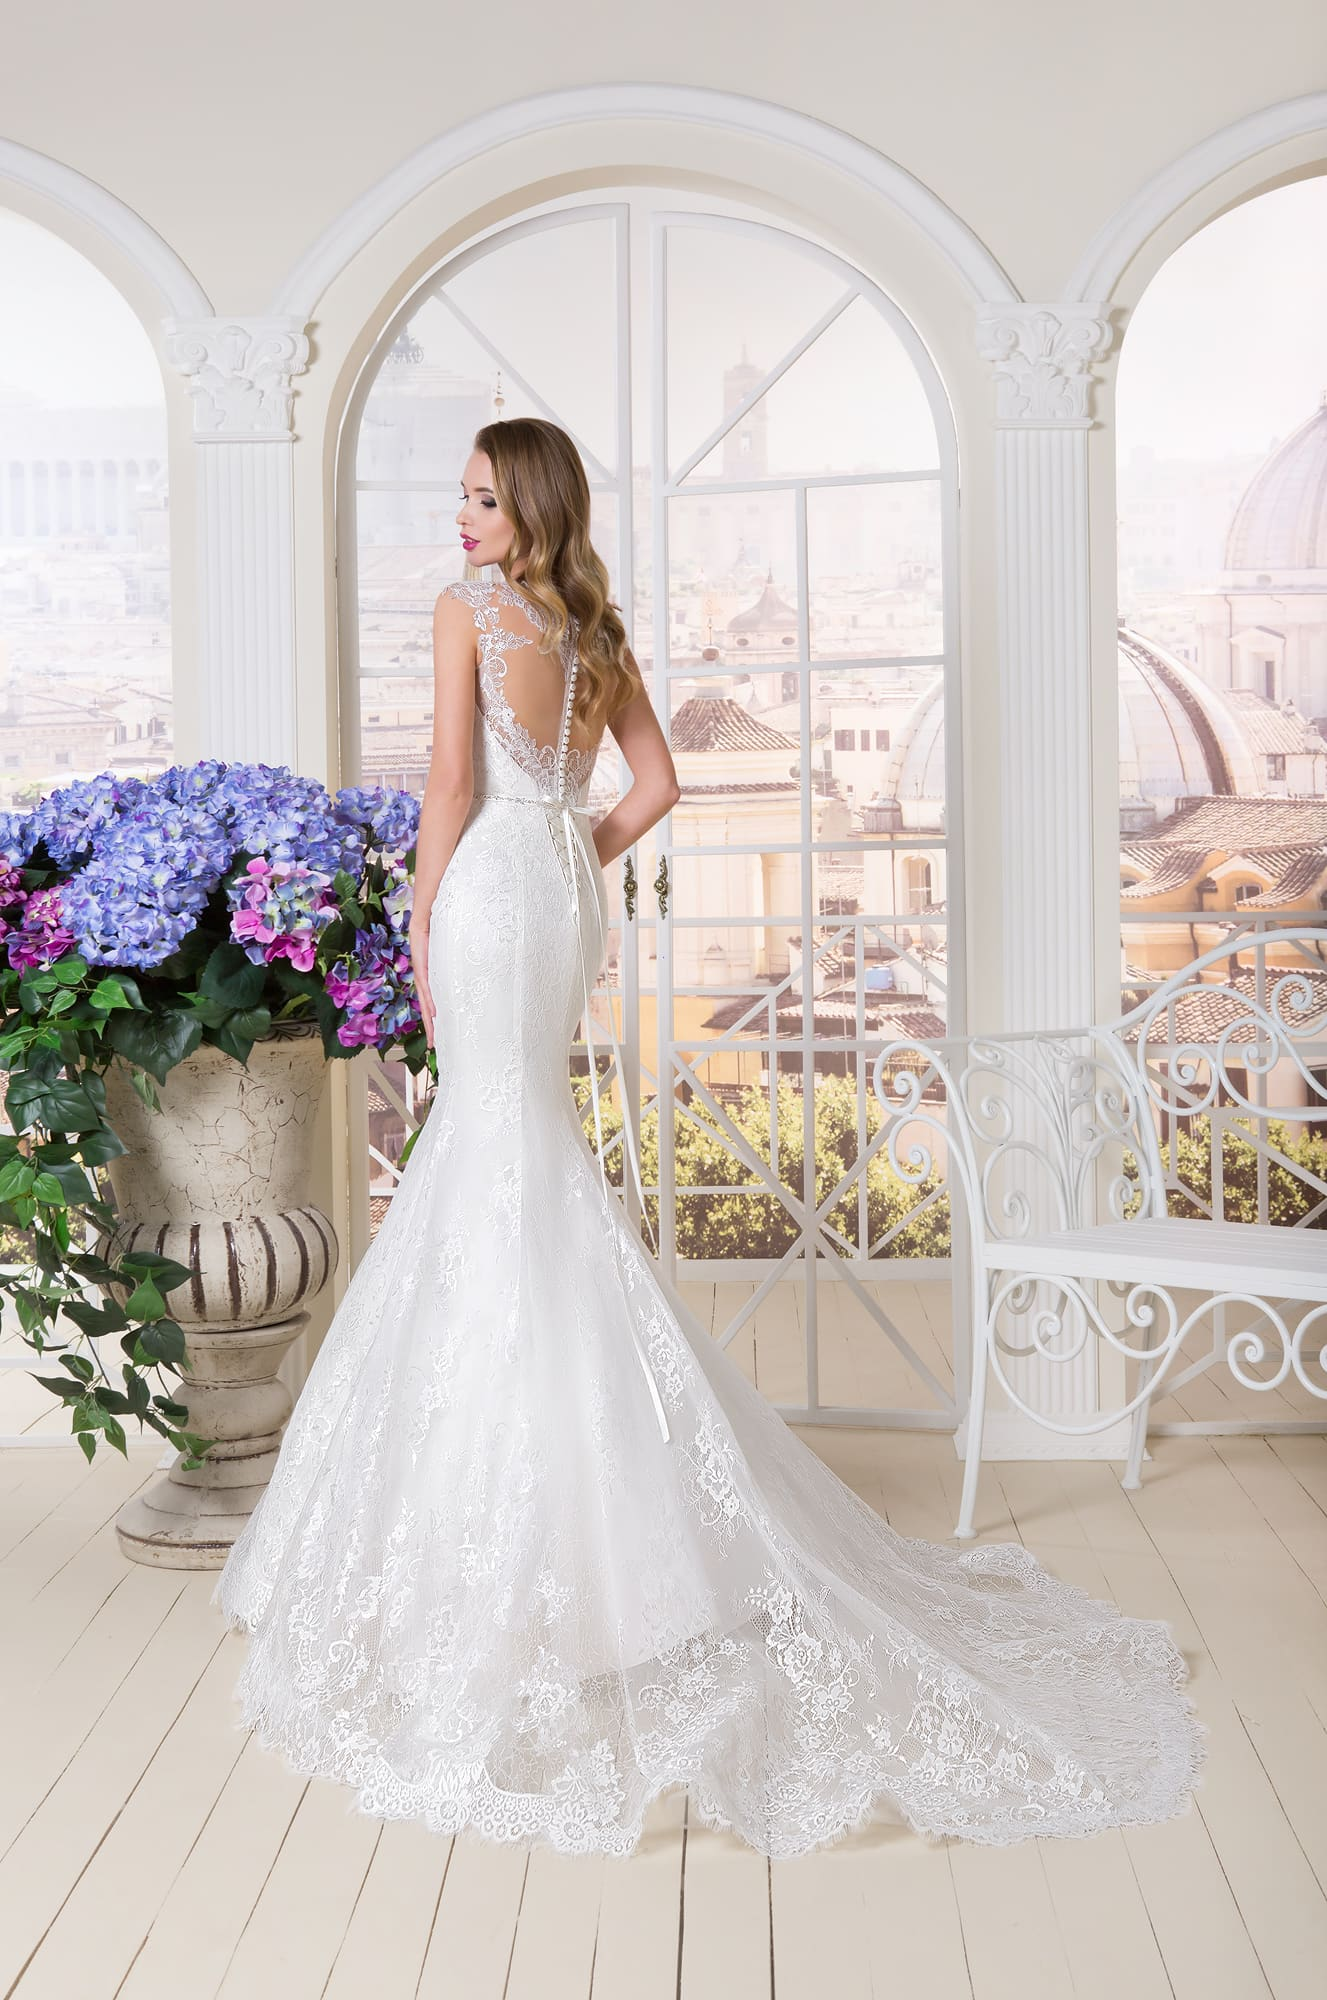 Свадебное платье «русалка» с глубоким декольте, полностью покрытое кружевной тканью.